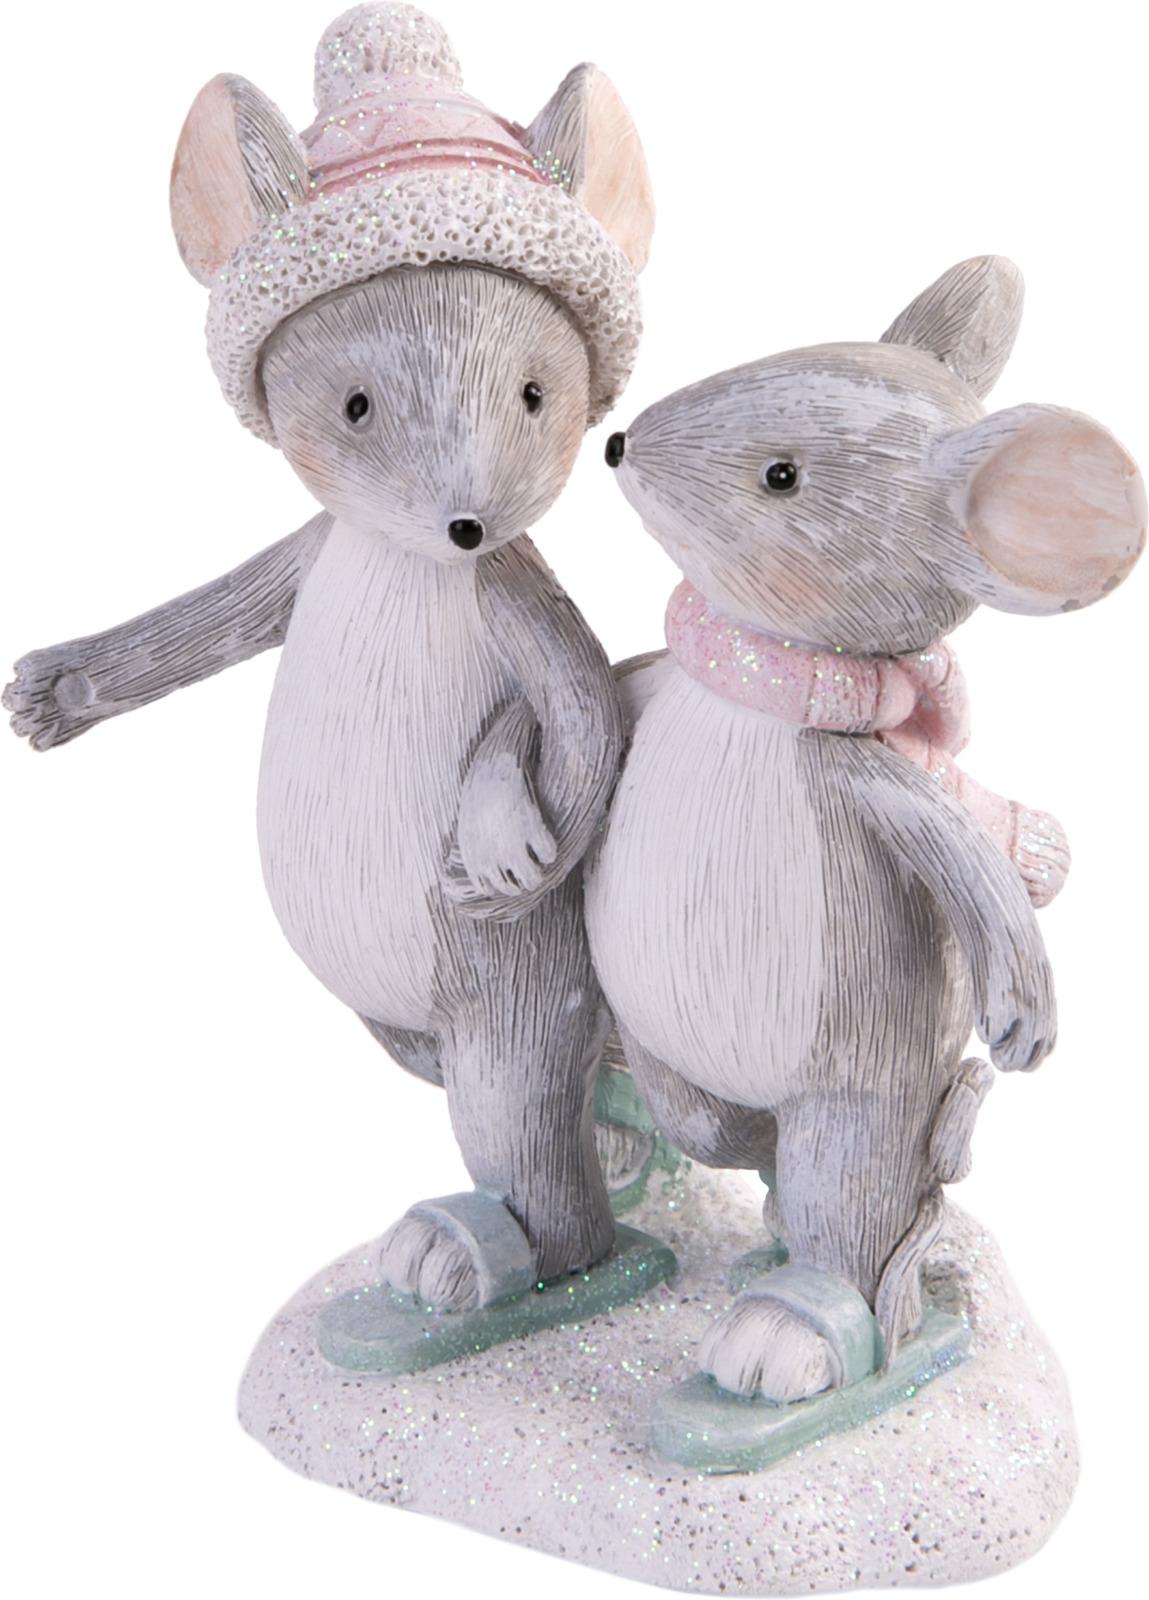 Фигурка декоративная Magic Time Снежные мышки, 80104, разноцветный, 9,5 х 7 4,5 см